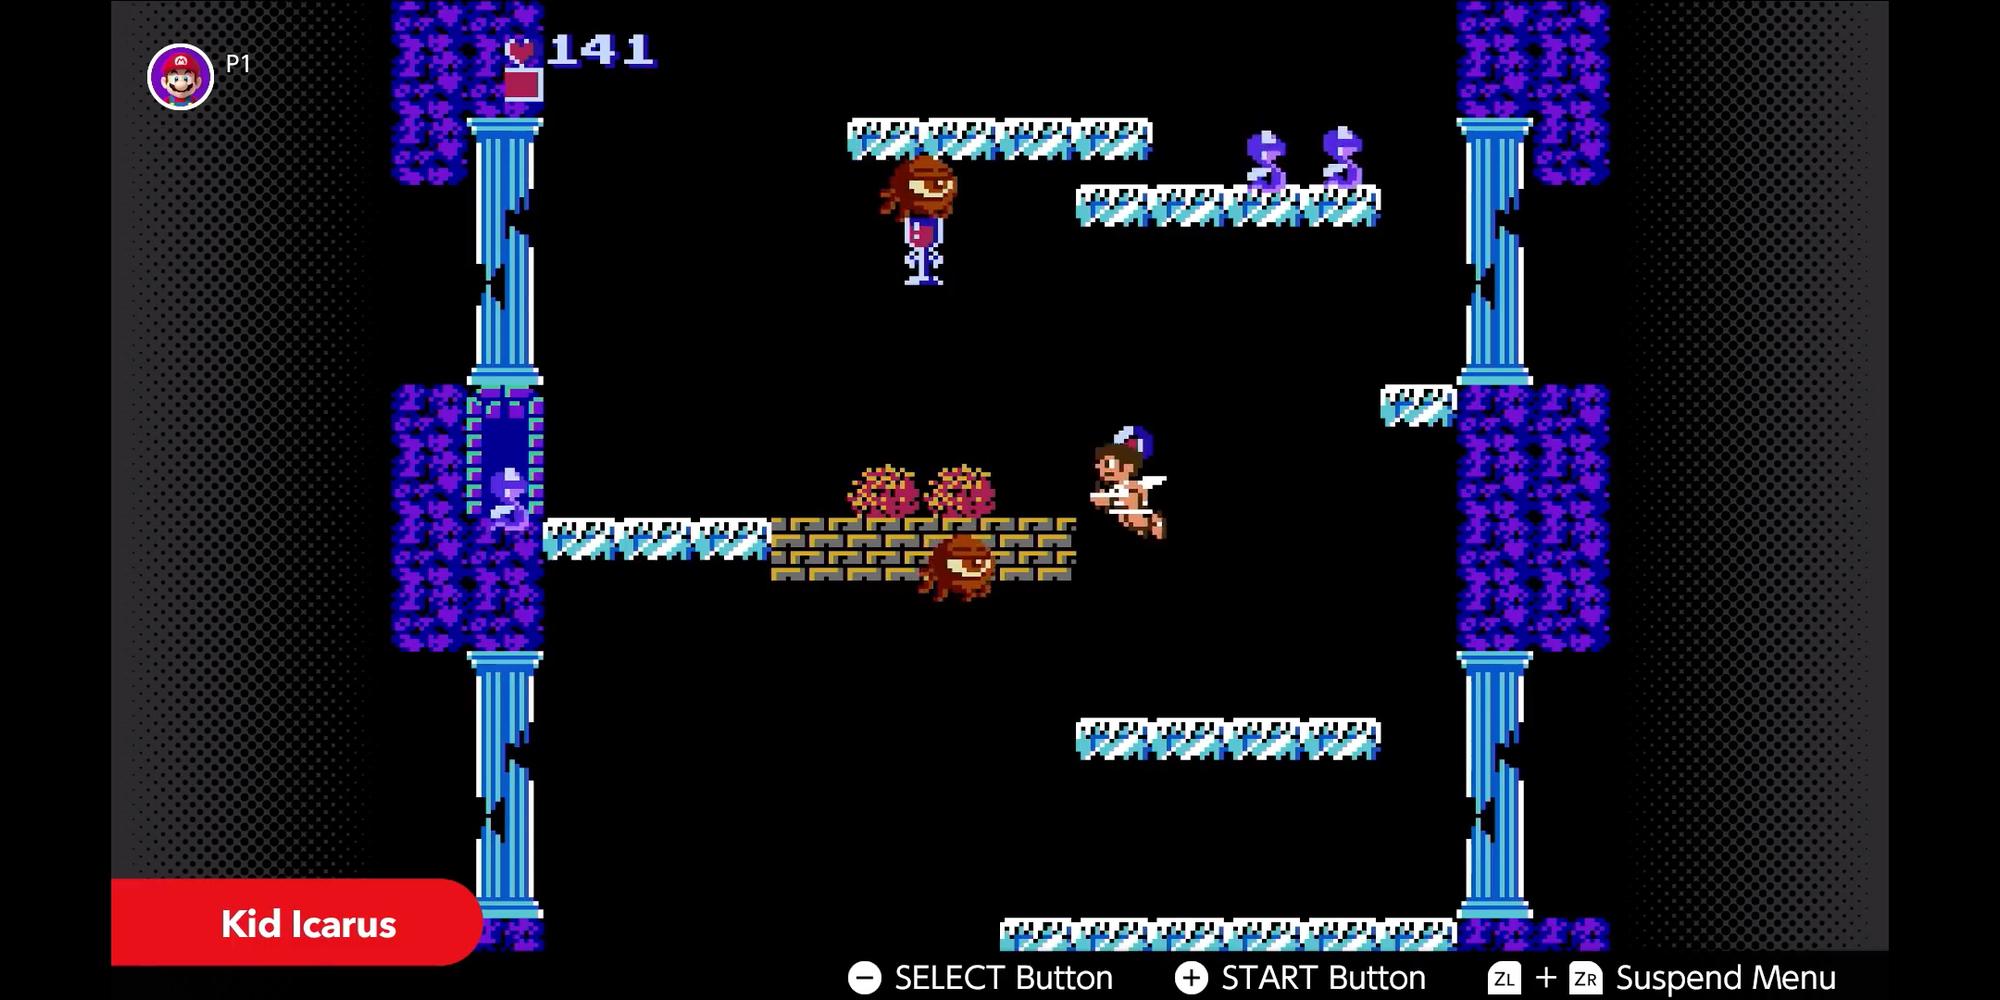 Kid Icarus Gameplay